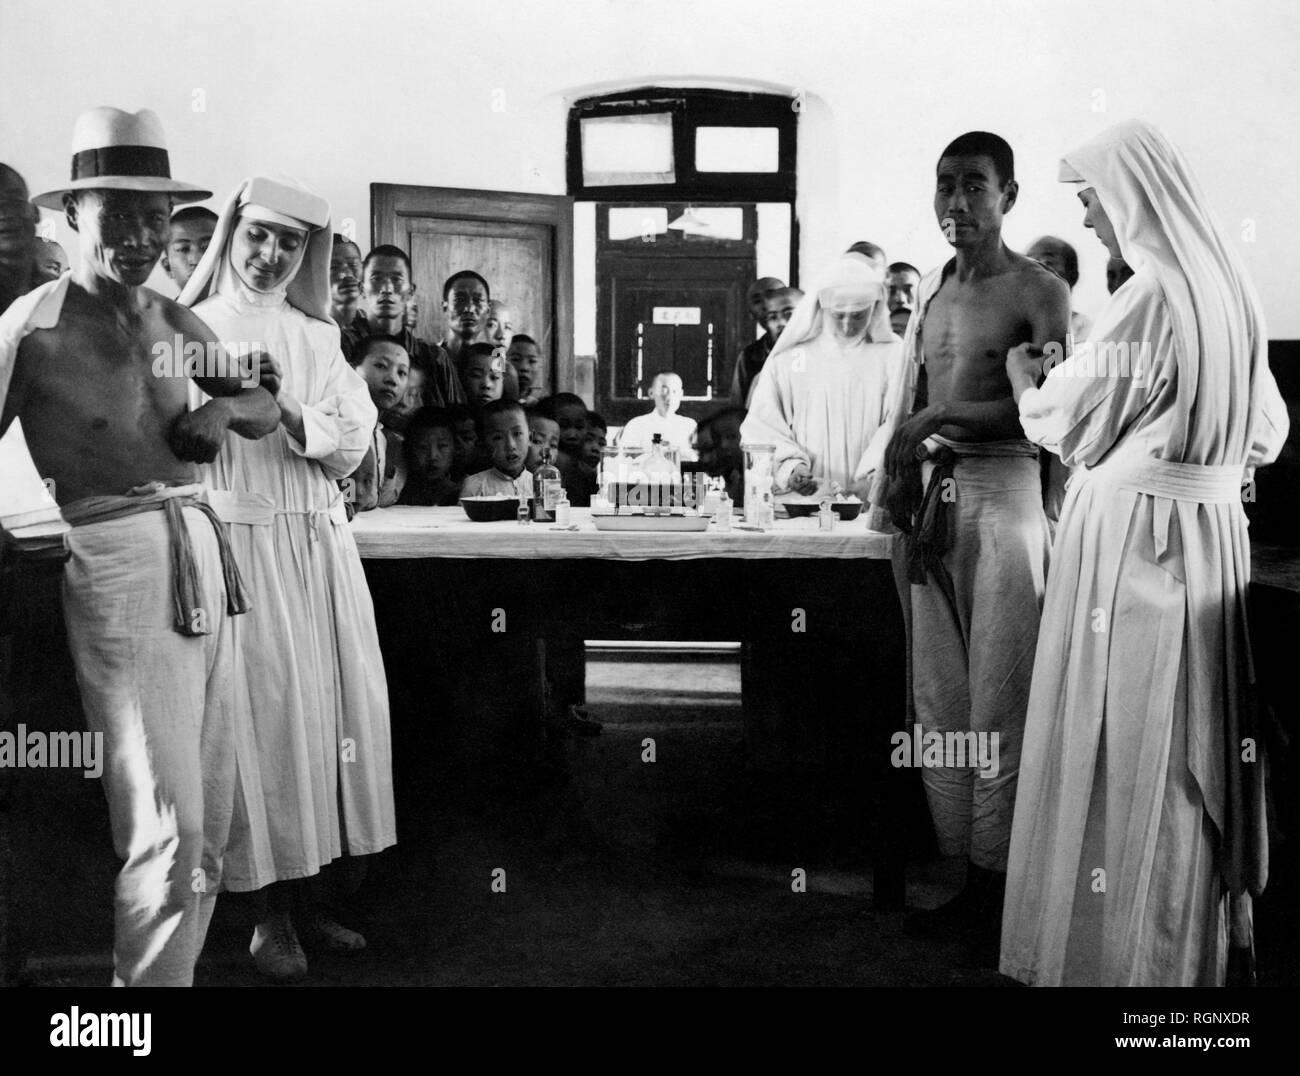 Mission der Franziskaner in China, Franziskaner Missionsschwestern von Maria Praxis Anti-bakterielle Impfstoff, China 1930 Stockbild